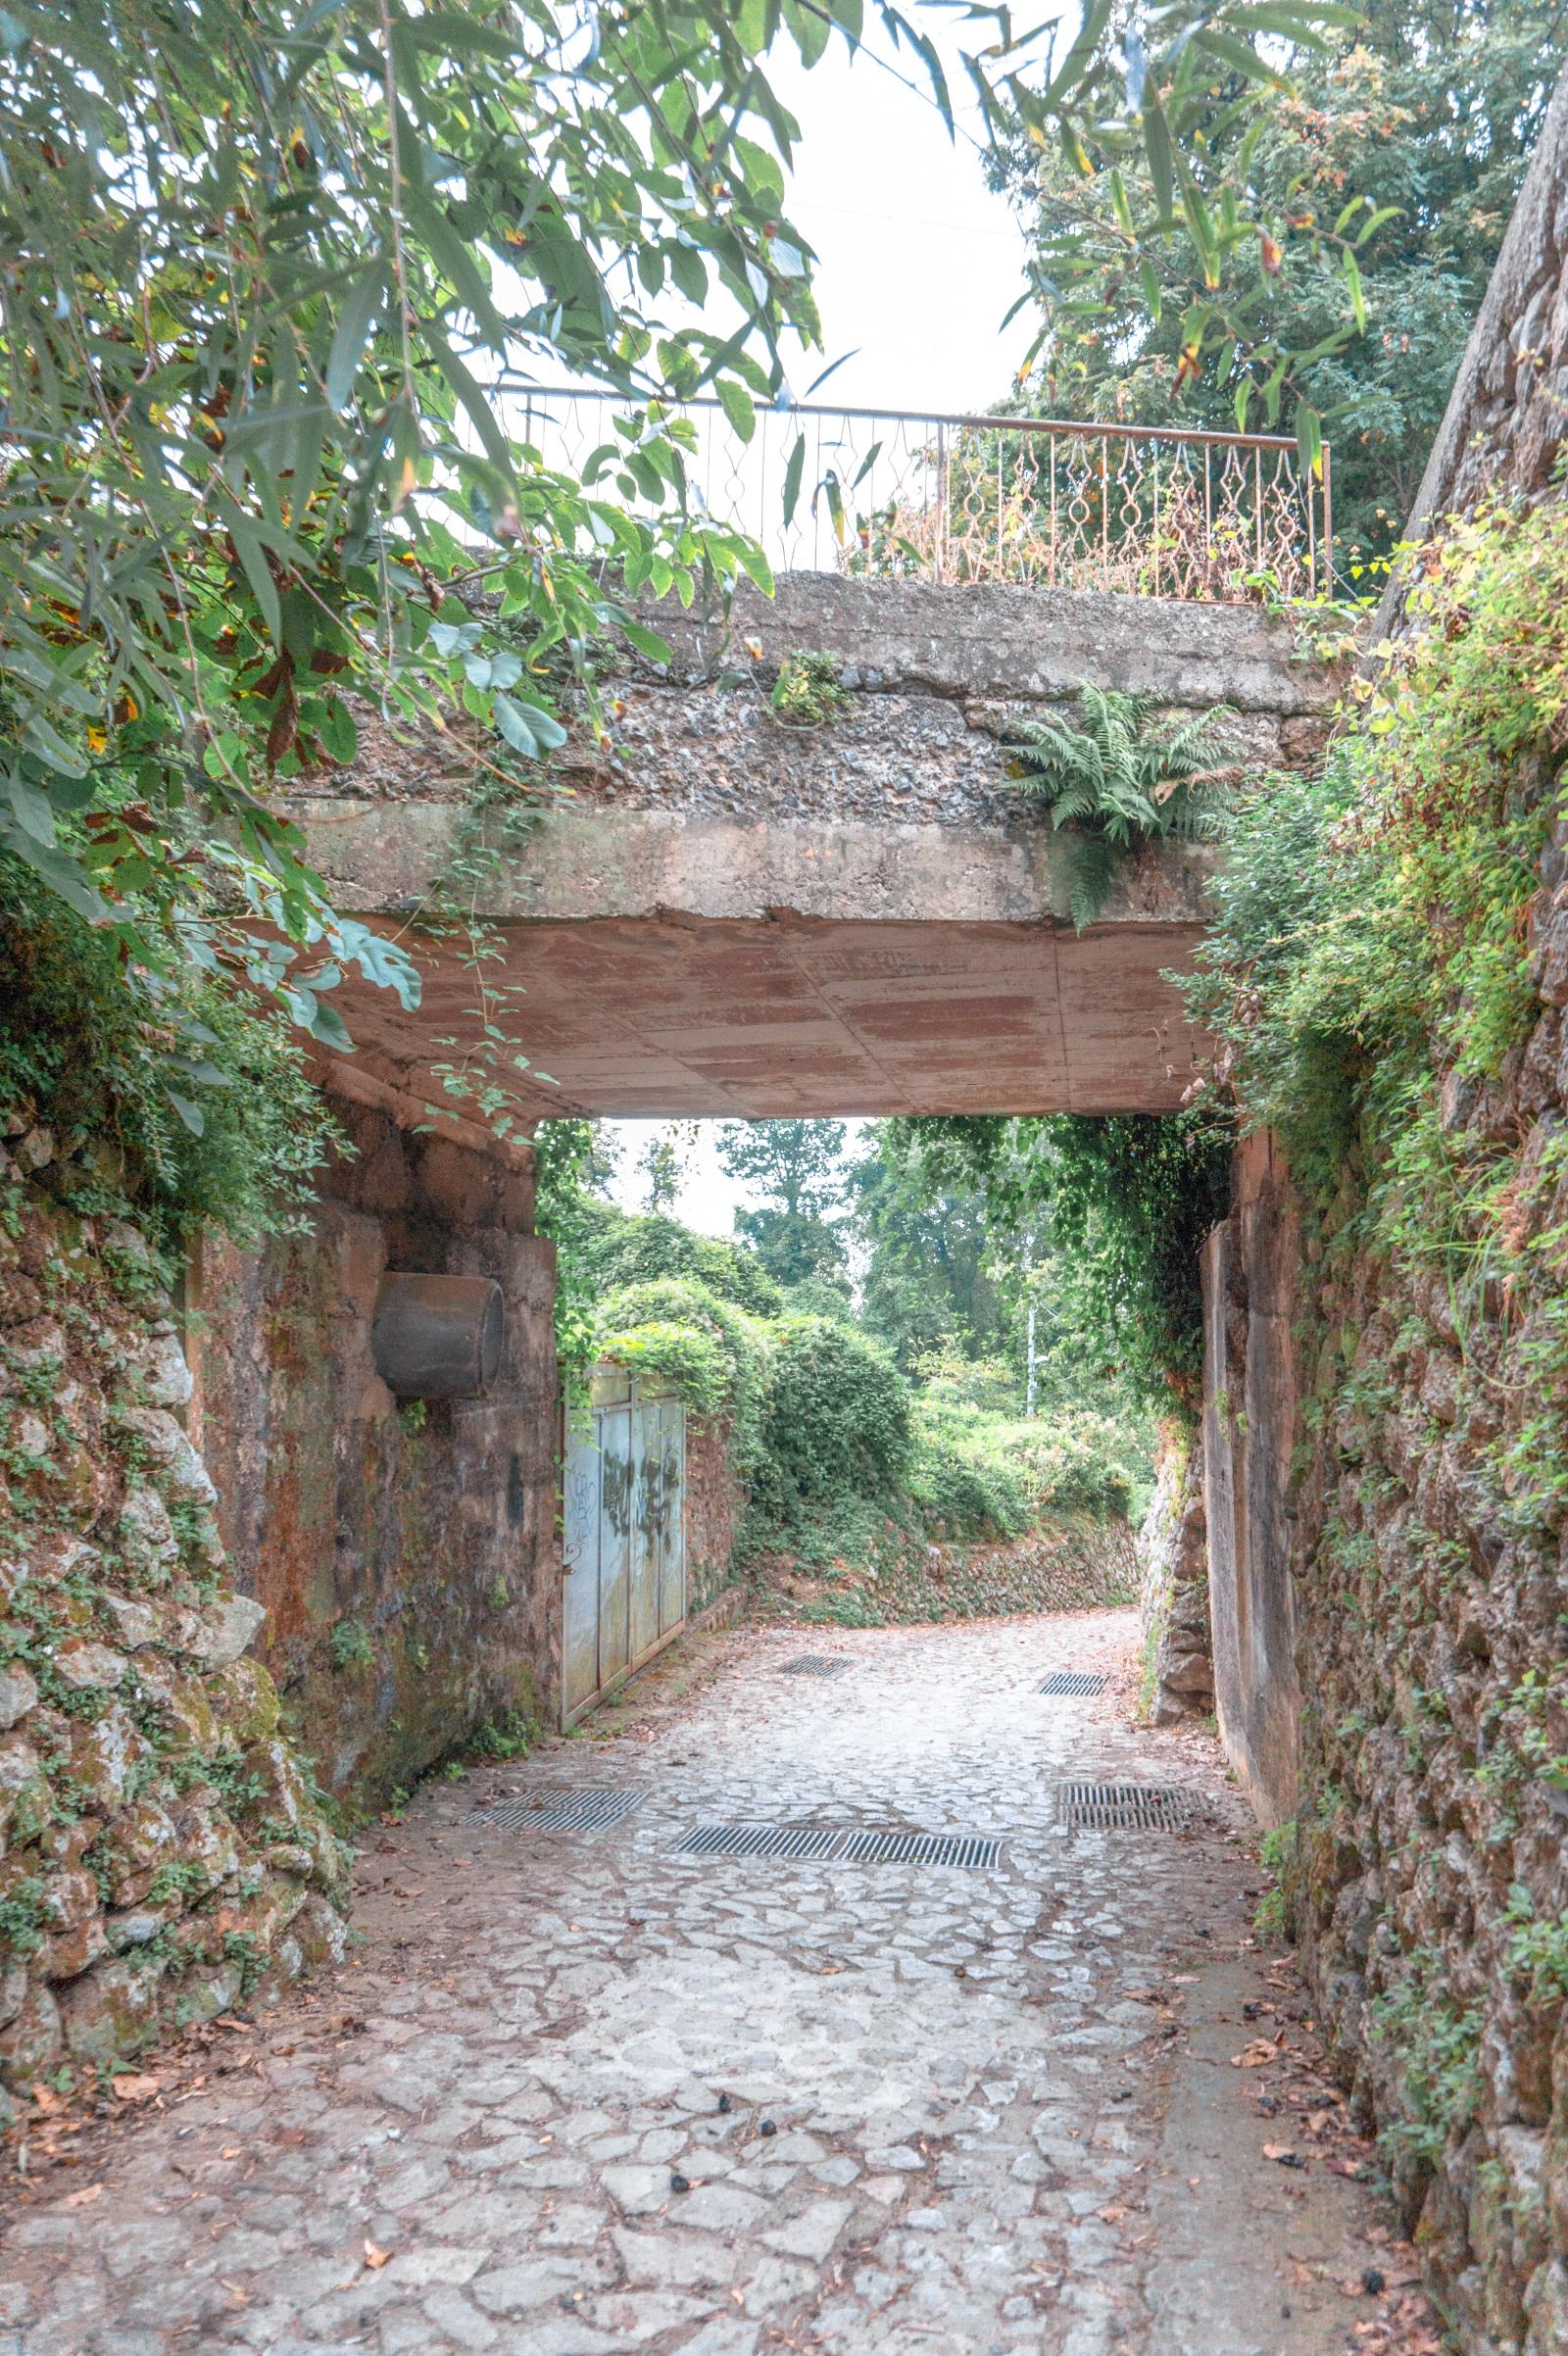 Позитано е перлата в короната. Красиви и цветни къщи, малки улички, магазини и заведения на всяка крачка. Керамика, която блести отвсякъде. Красота, красота, красота... и мирис на лимони, който се разлива навсякъде. Крайбрежието на Амалфи в Италия определено е едно от най-живописните и китни места със спиращ дъха пейзаж.